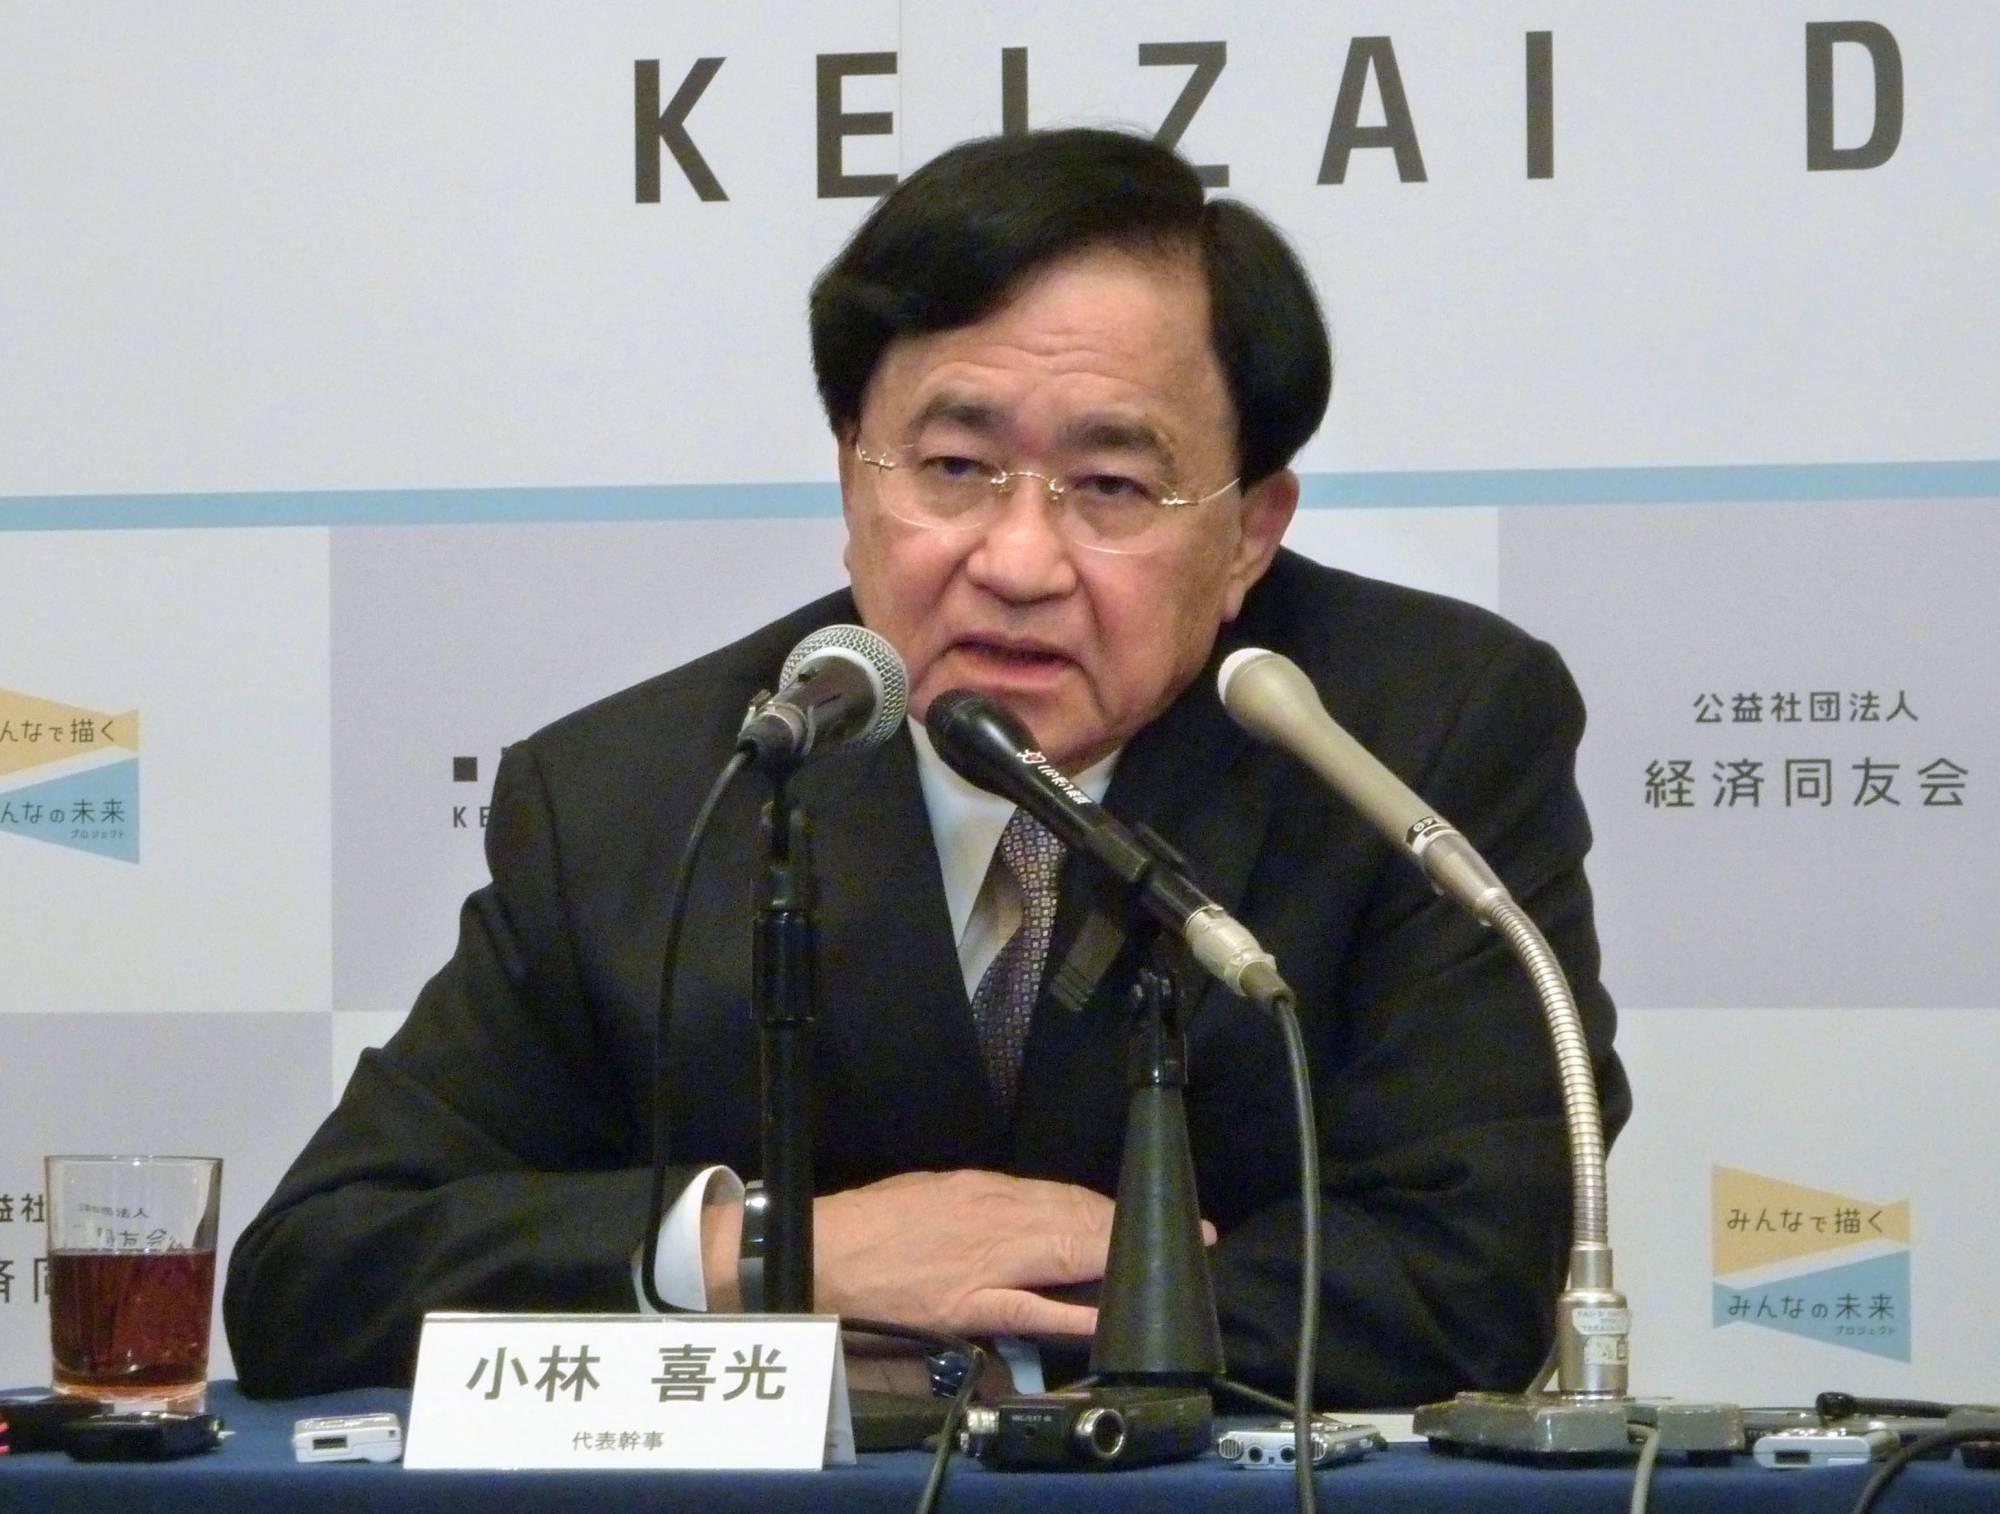 Yoshimitsu Kobayashi vedl Japonskou asociaci podnikových manažerů po dobu čtyř let do roku 2019